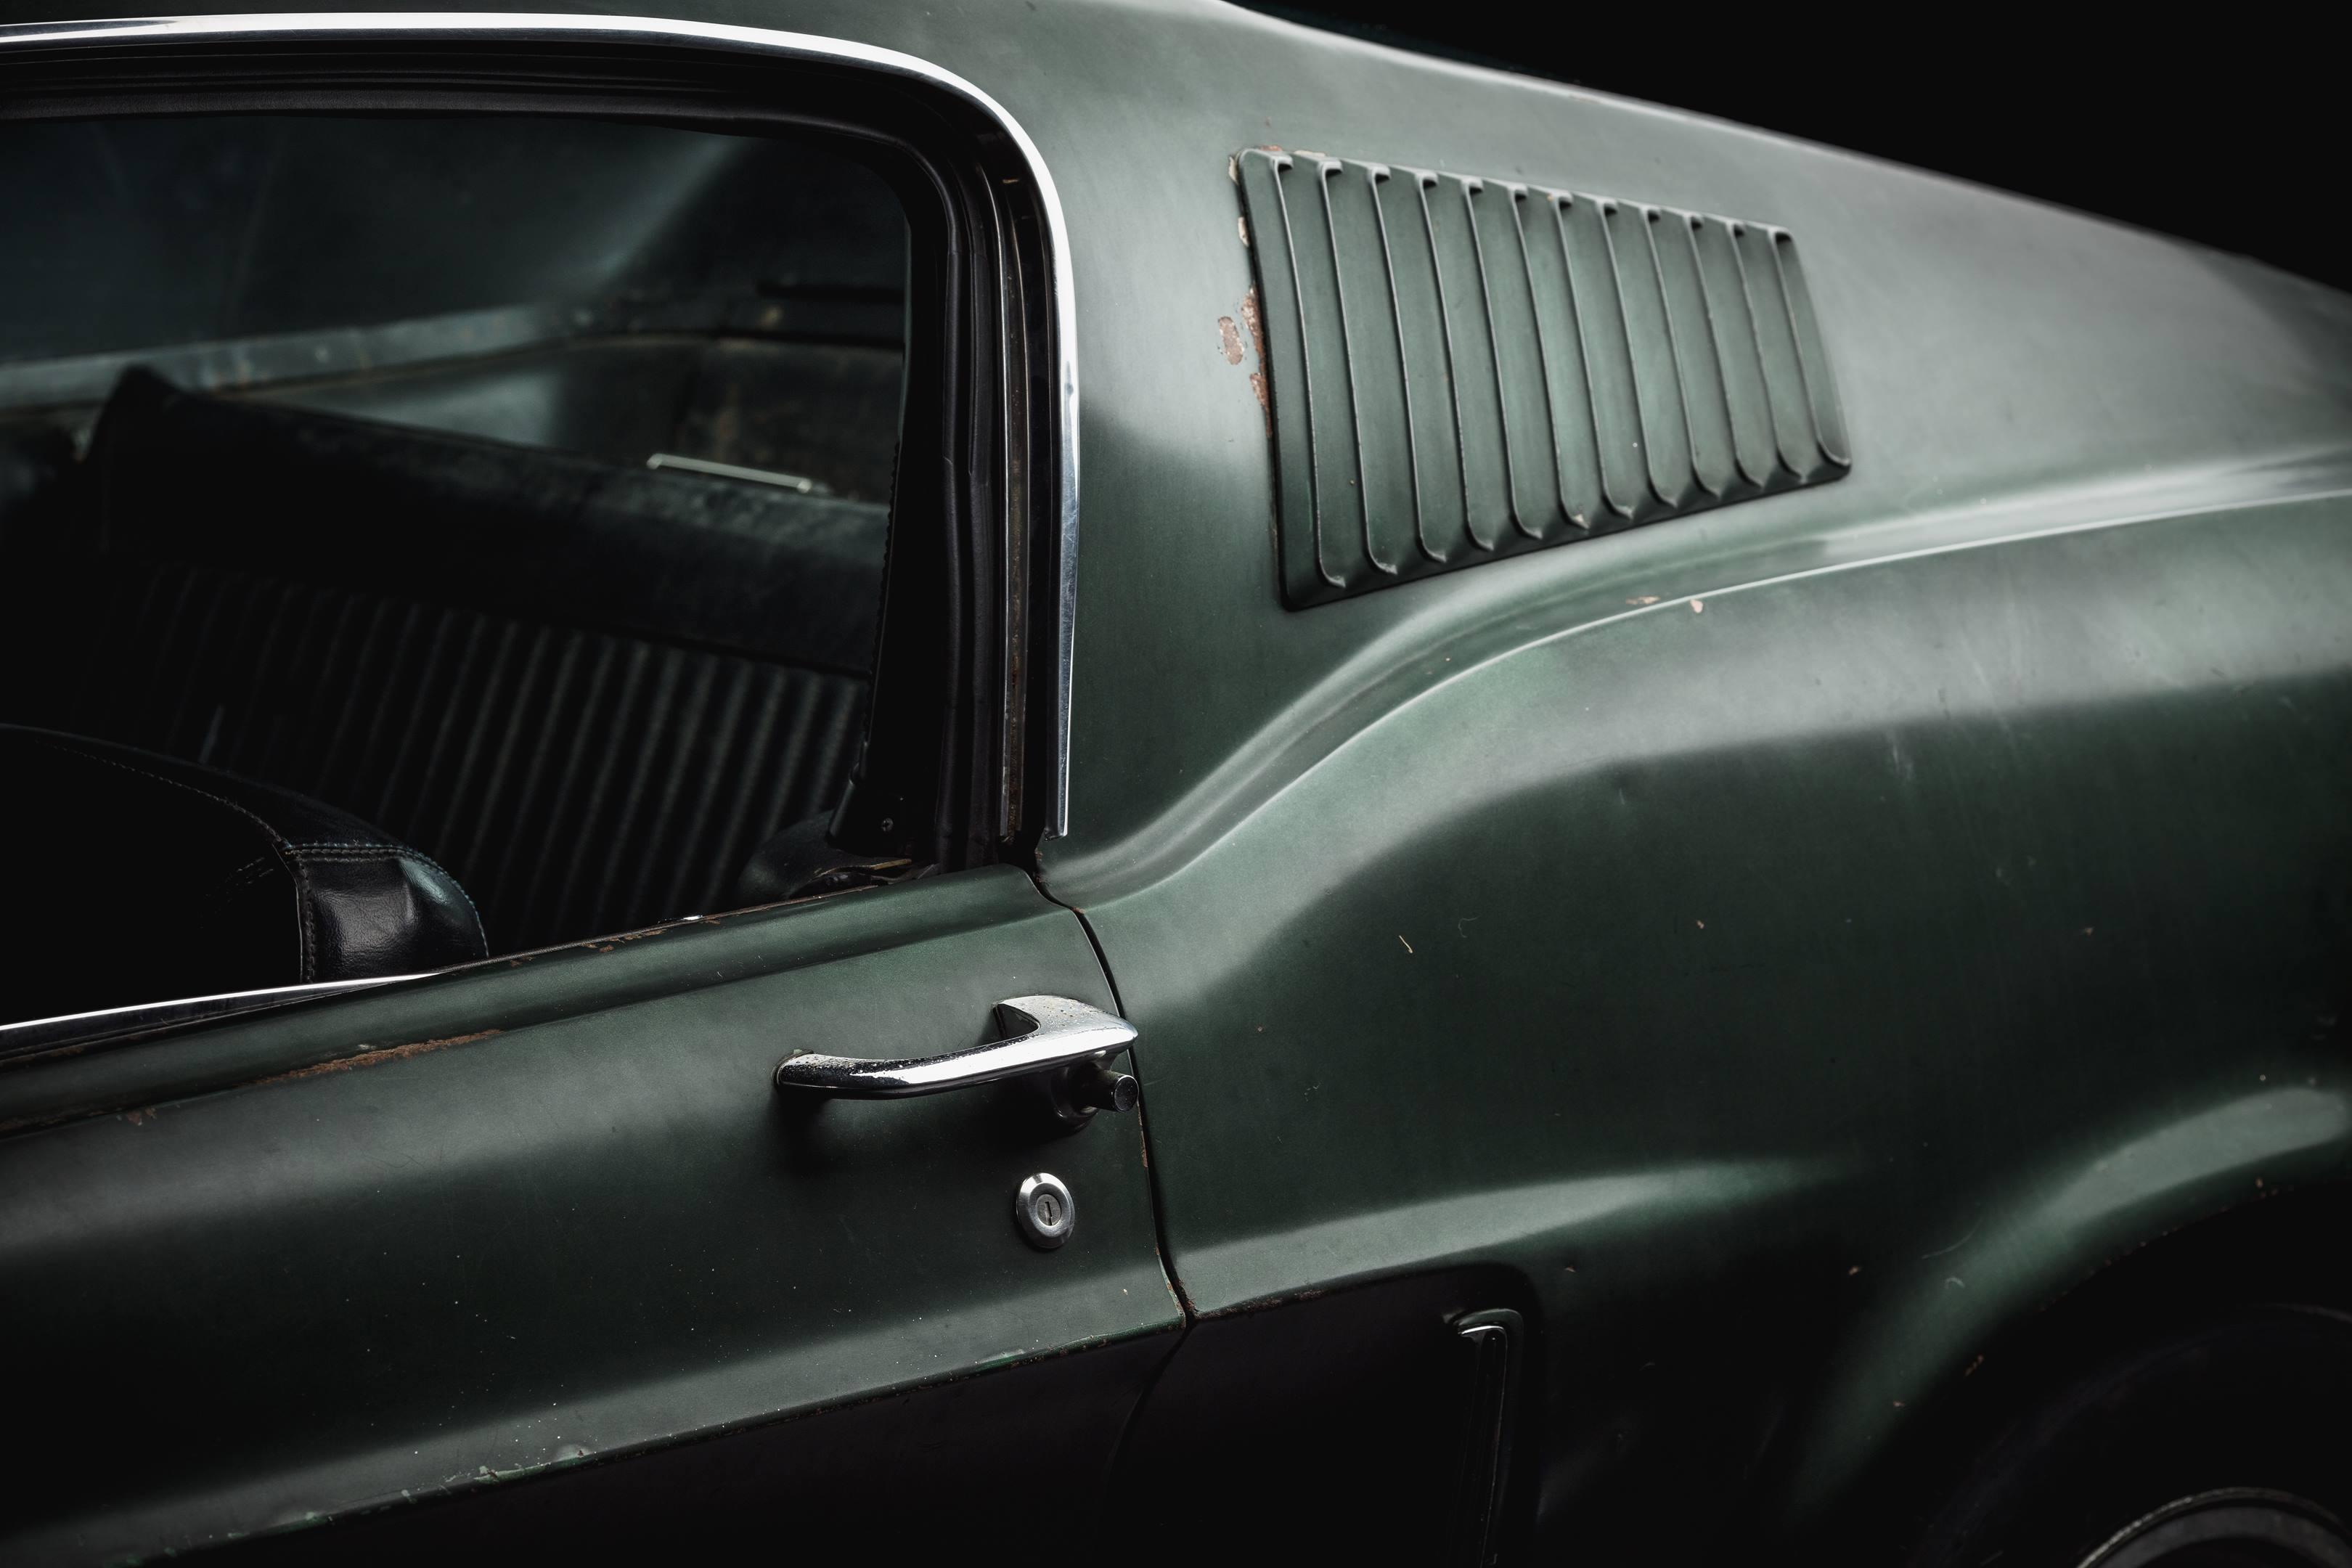 Bullitt Mustang detail